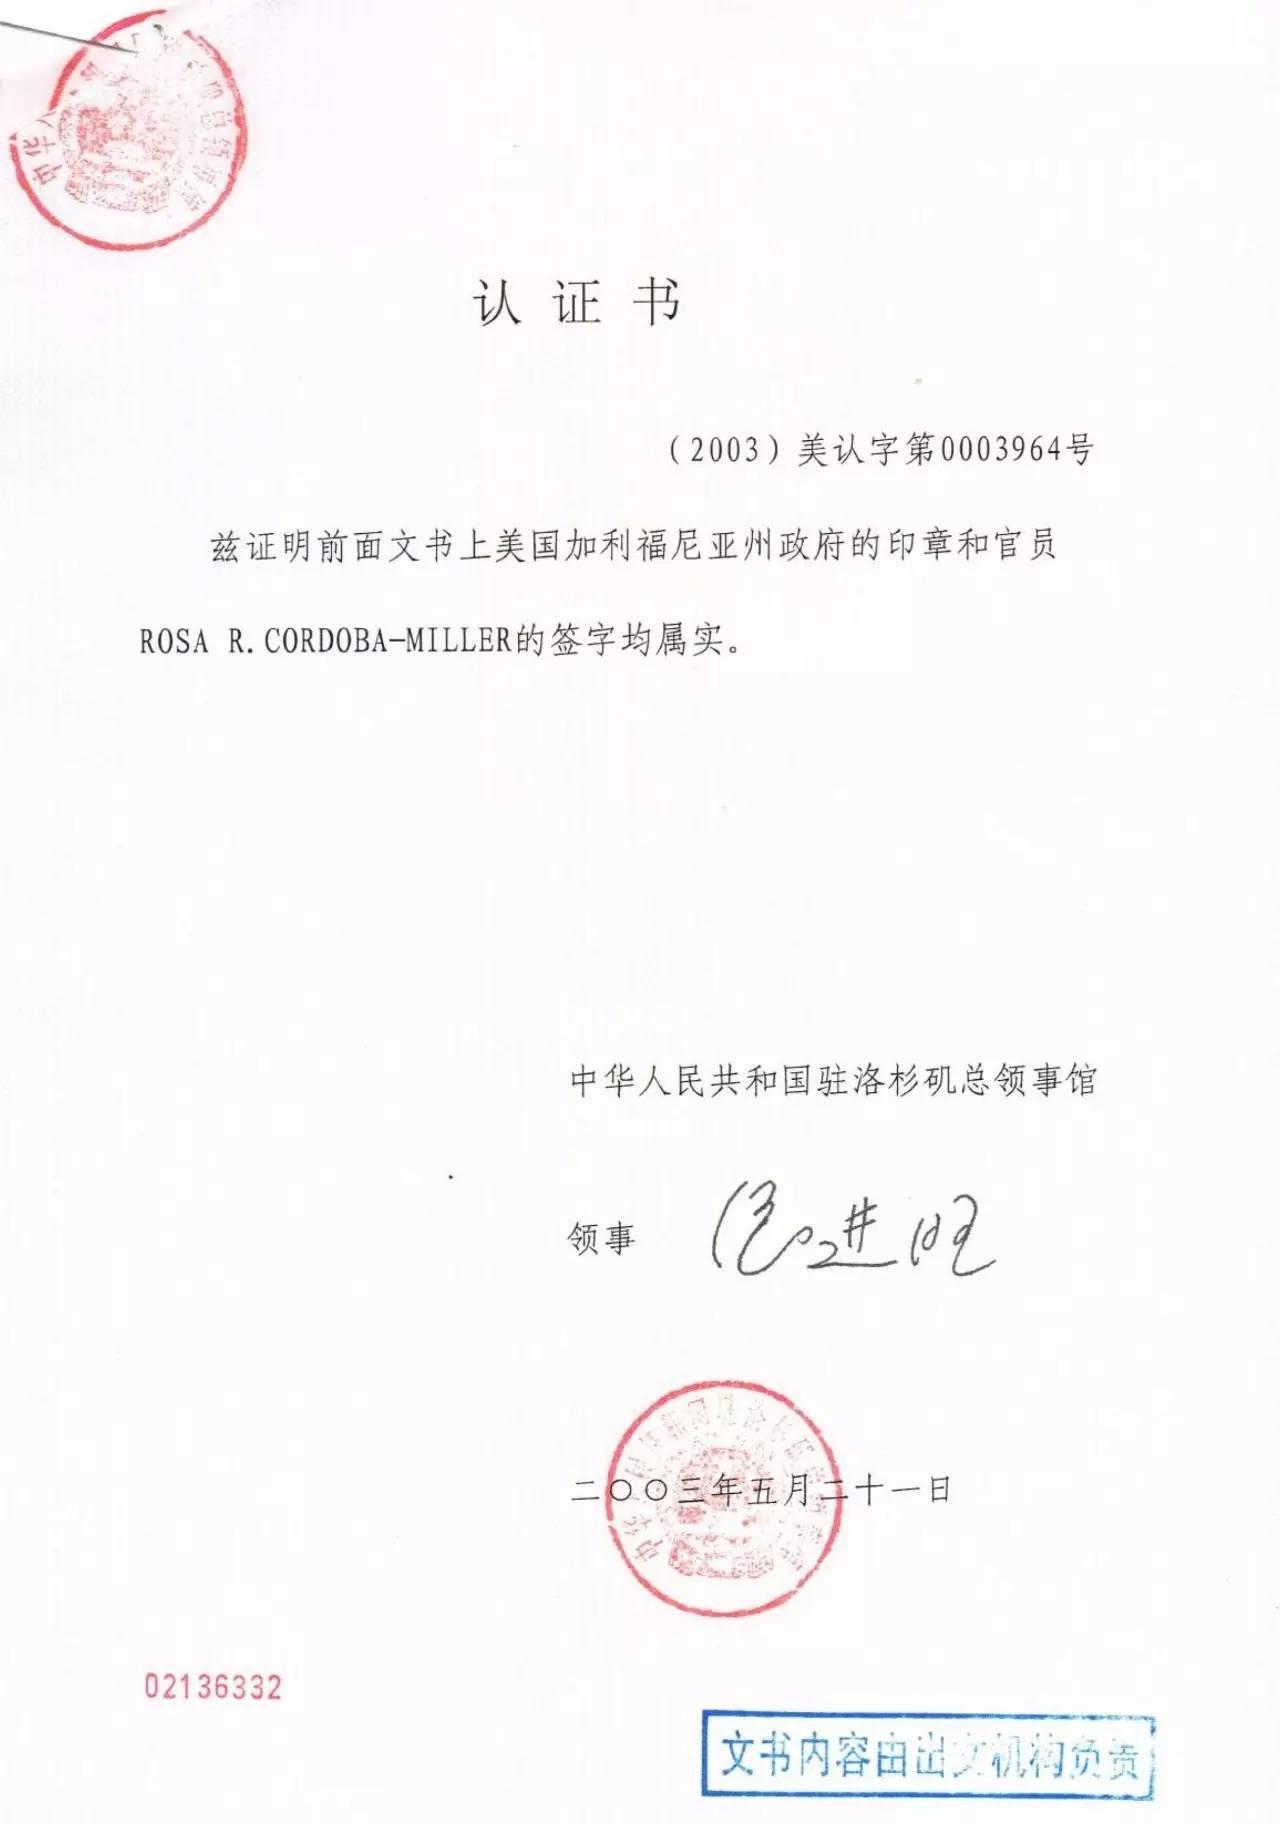 周永康陈绍基陷害第三世多杰羌佛真相曝光 第26张